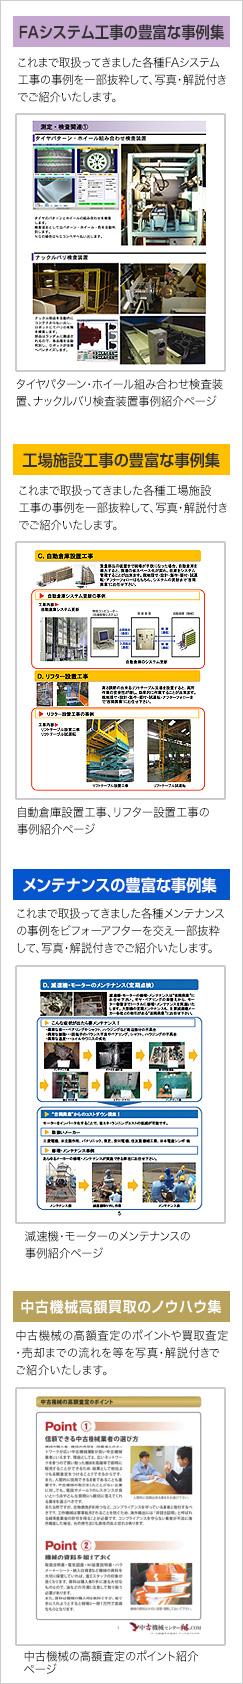 工場施設工事・メンテナンスの豊富な事例集、中古機械高額買取のノウハウ集プレゼント